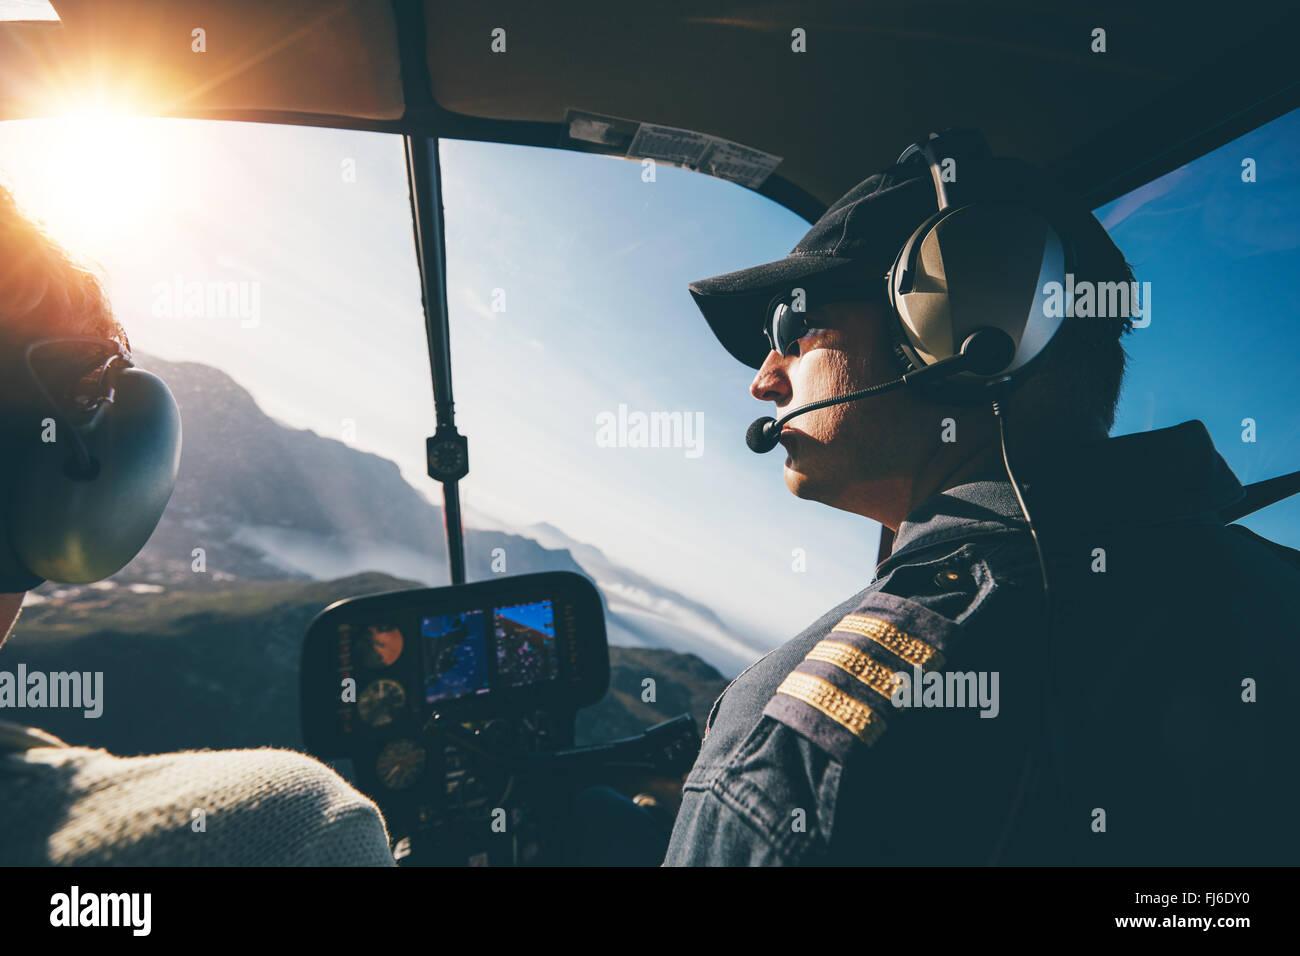 Hombre y mujer pilotos volar un helicóptero en un día soleado. Dentro de la foto de un helicóptero. Imagen De Stock